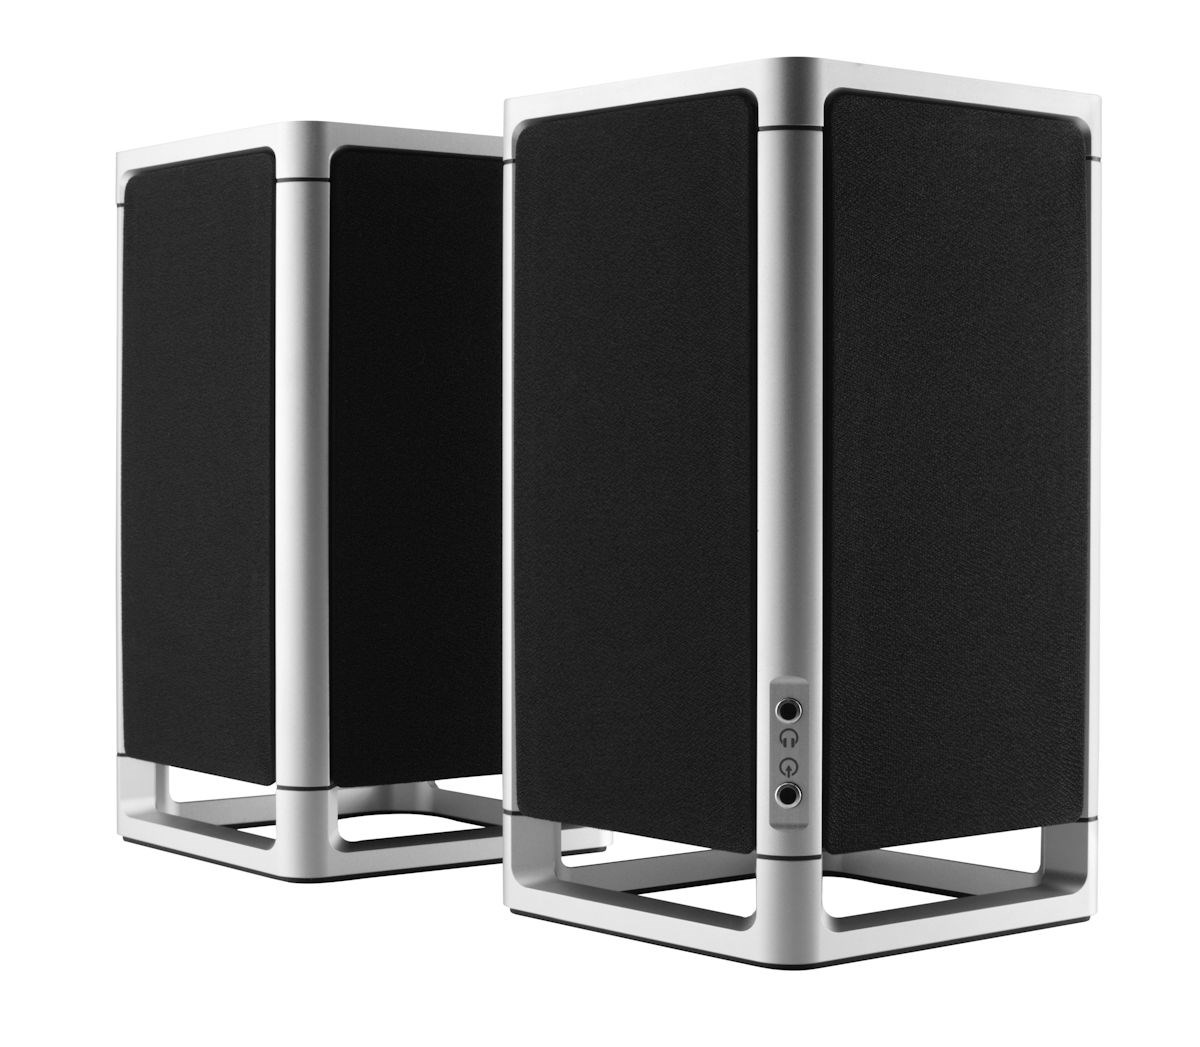 Kompakte stereohøjttalere fra Simple Audio - recordere.dk